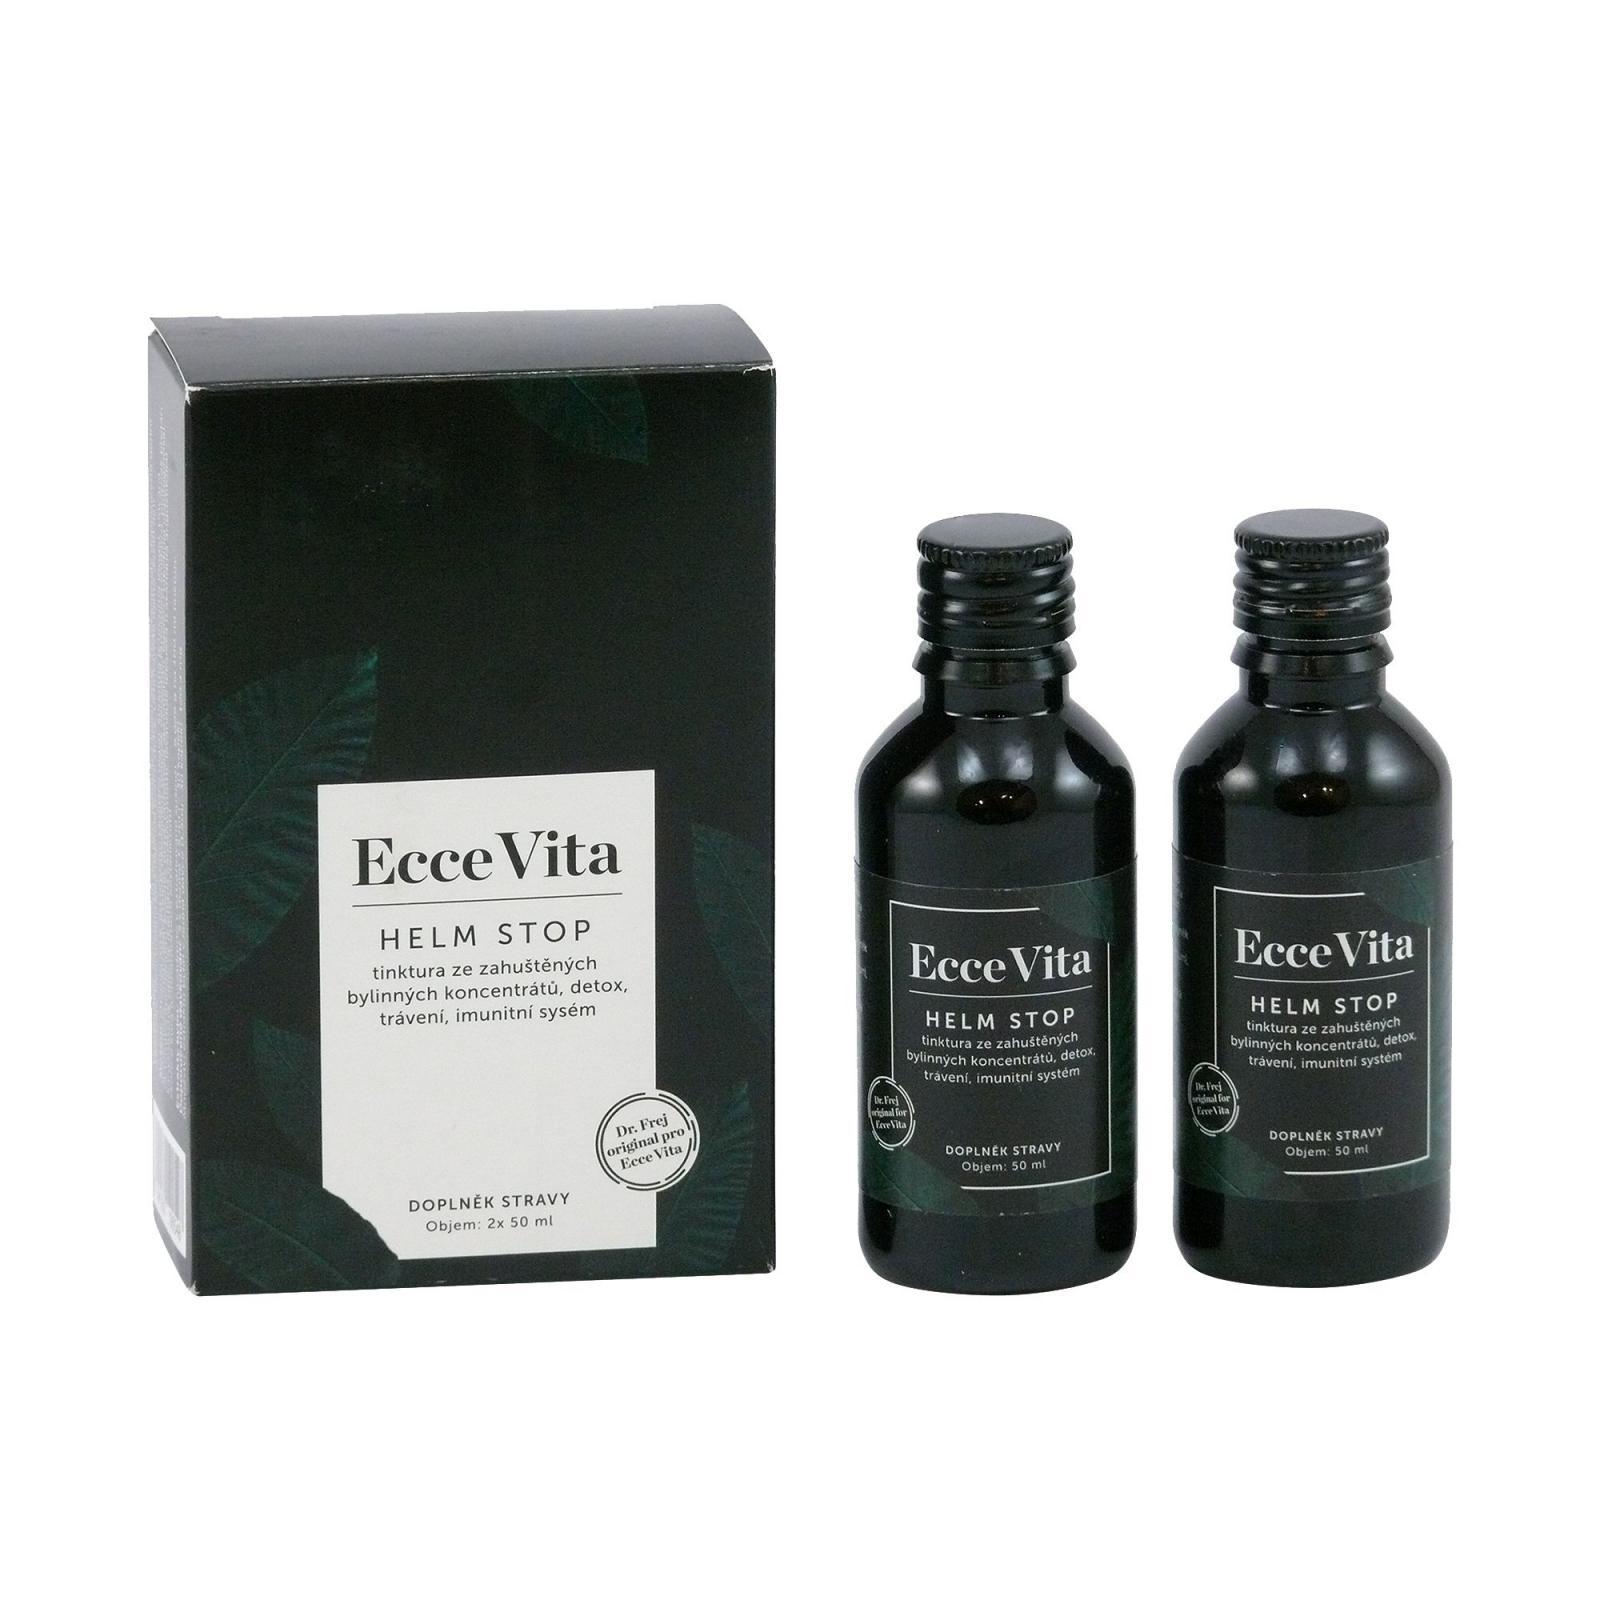 Ecce Vita Helmstop 1 ks, (2x50 ml)